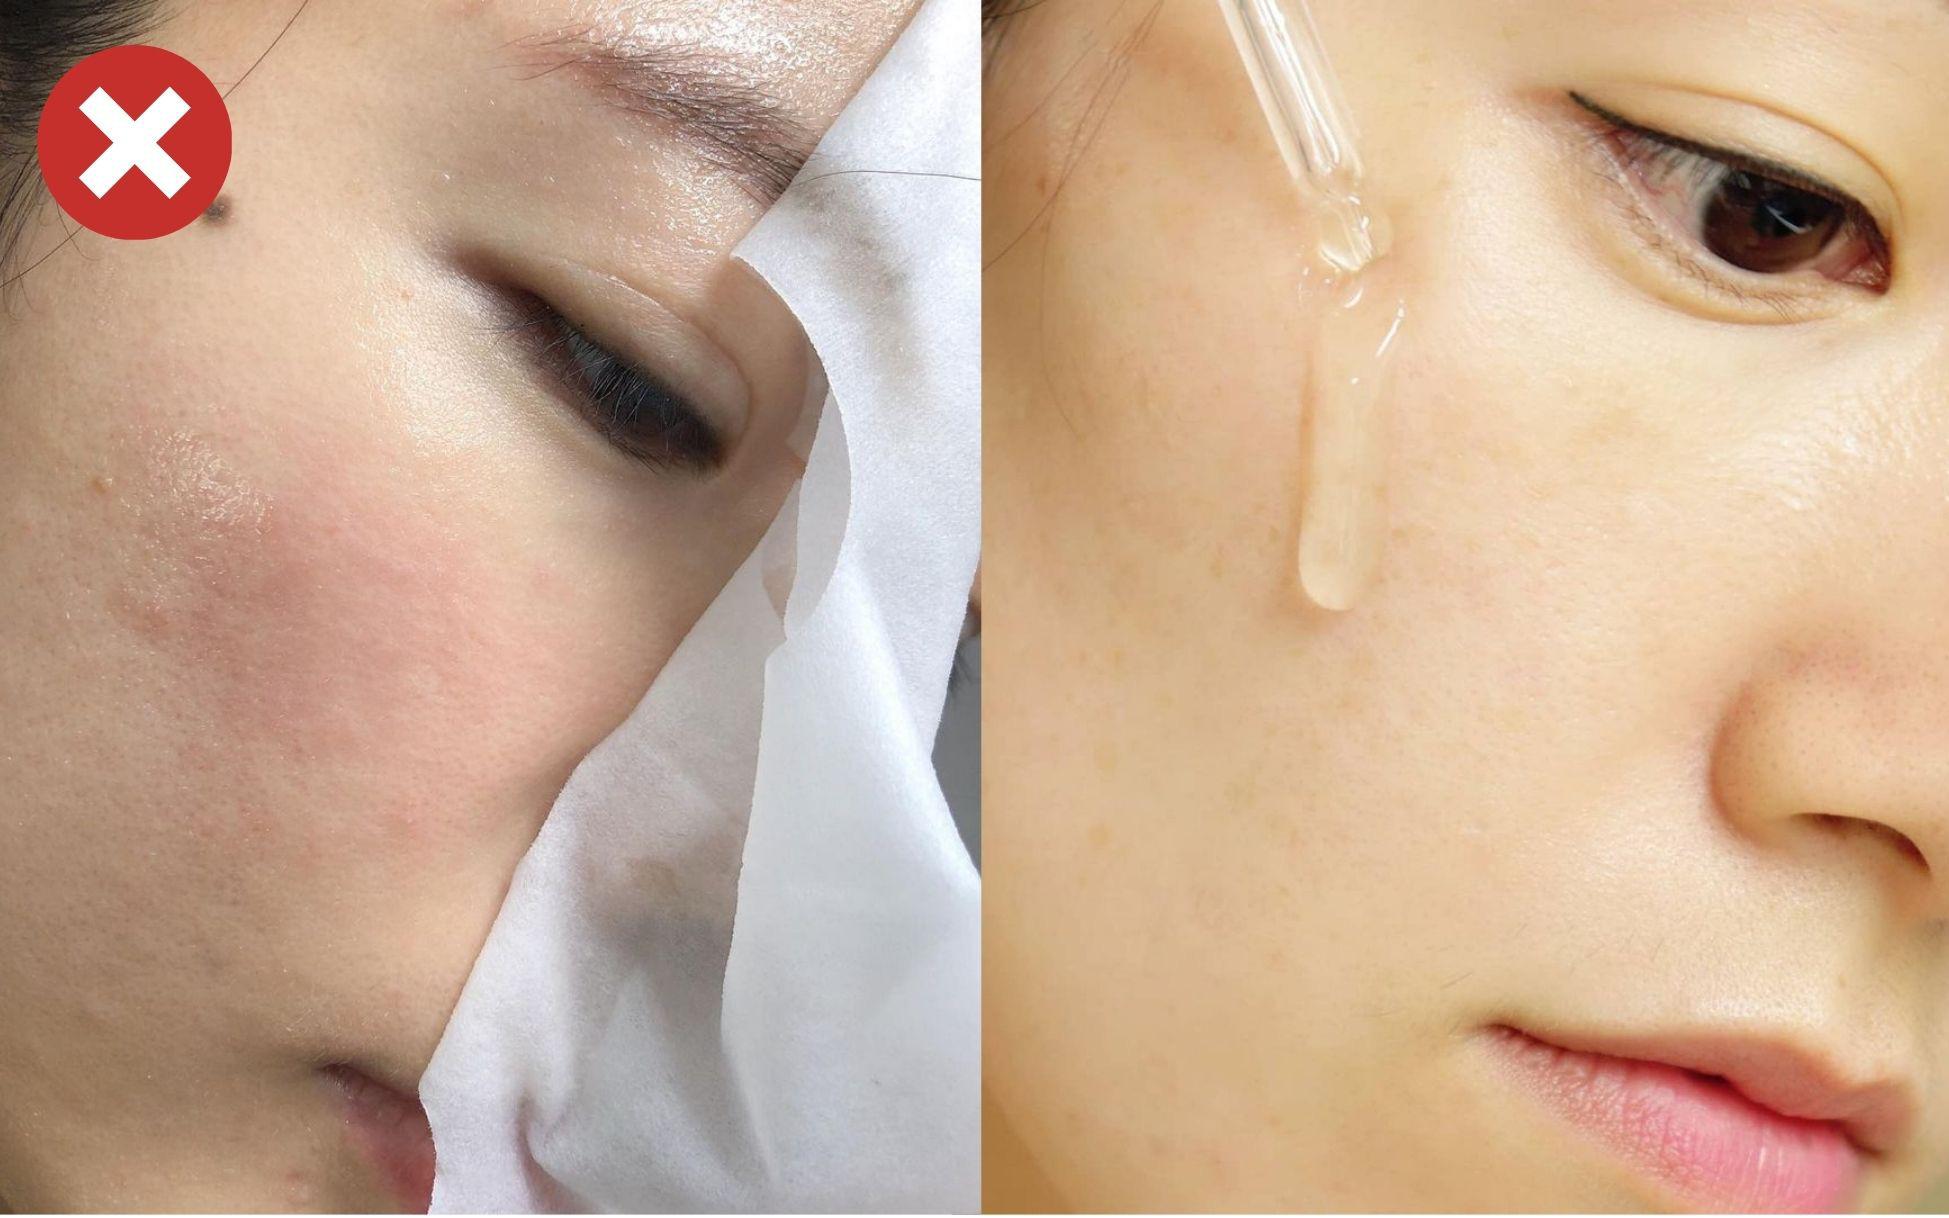 4 sản phẩm làm đẹp rất hại da và đẩy nhanh tốc độ lão hóa